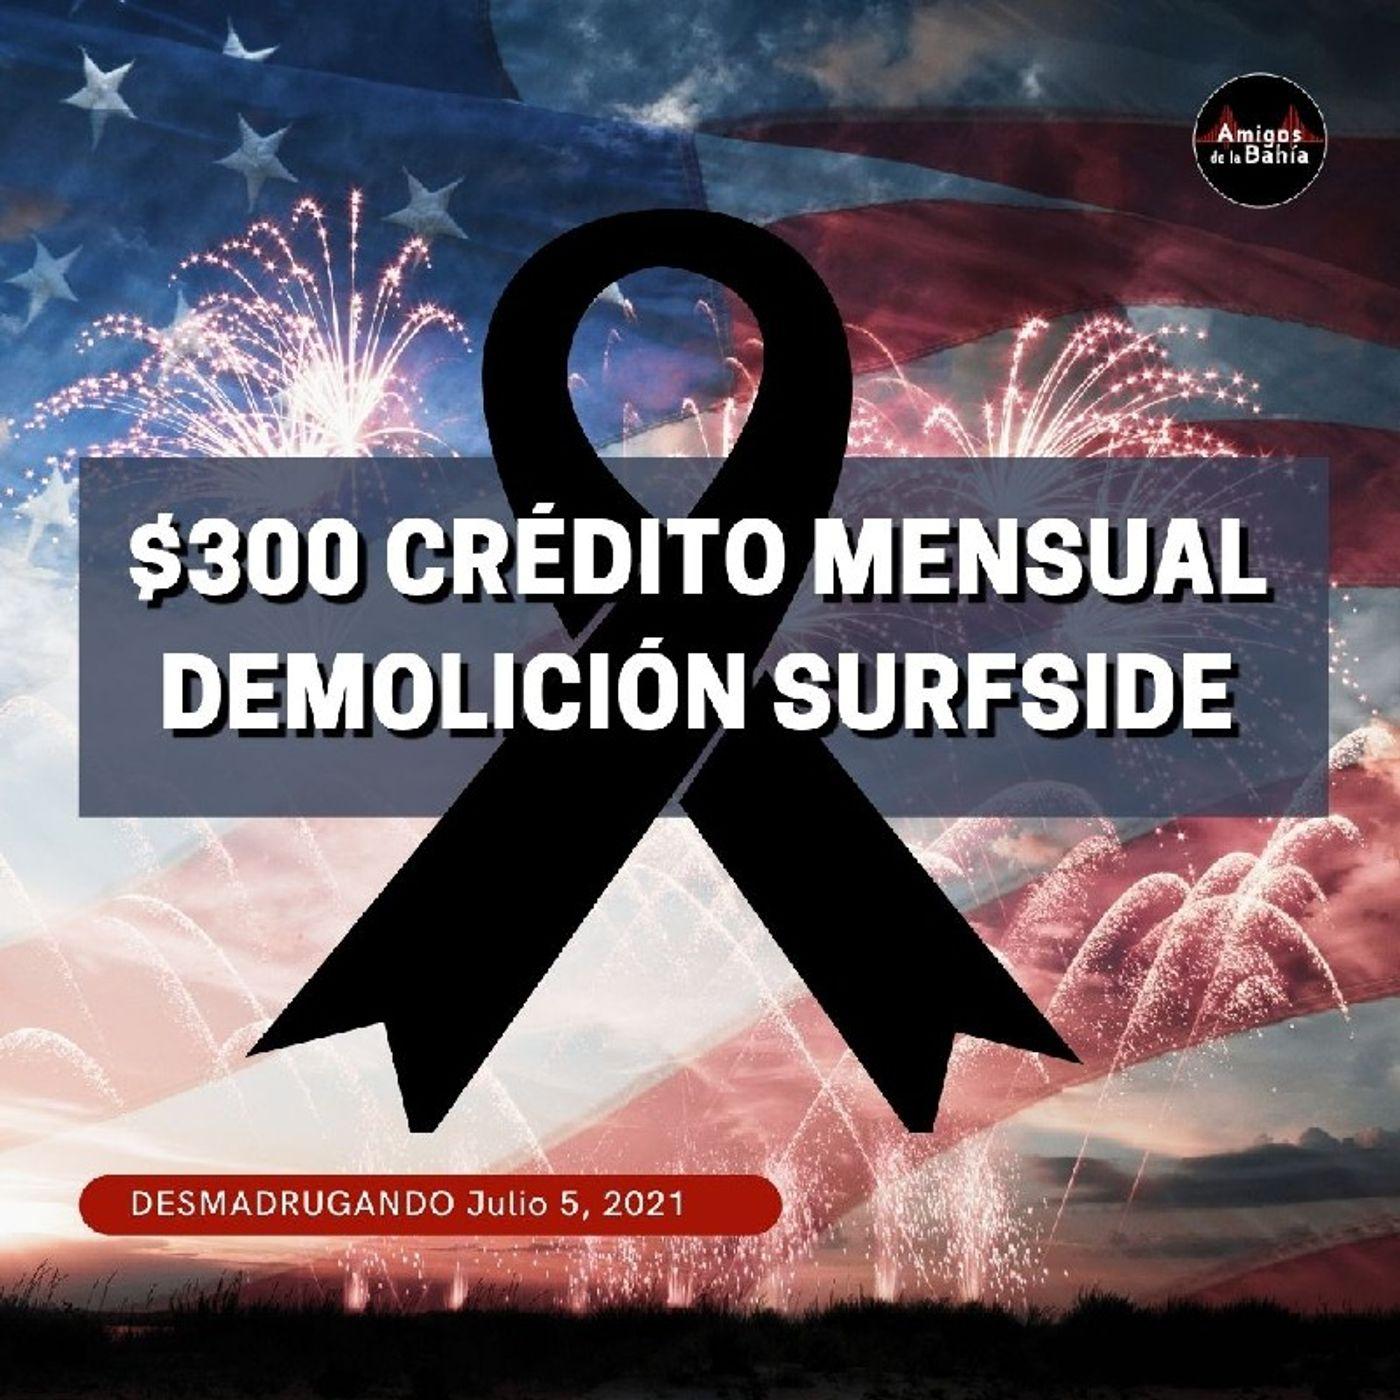 40. $300 Crédito Mensual, Demolición Surfside  DESMADRUGANDO Julio 5, 2021